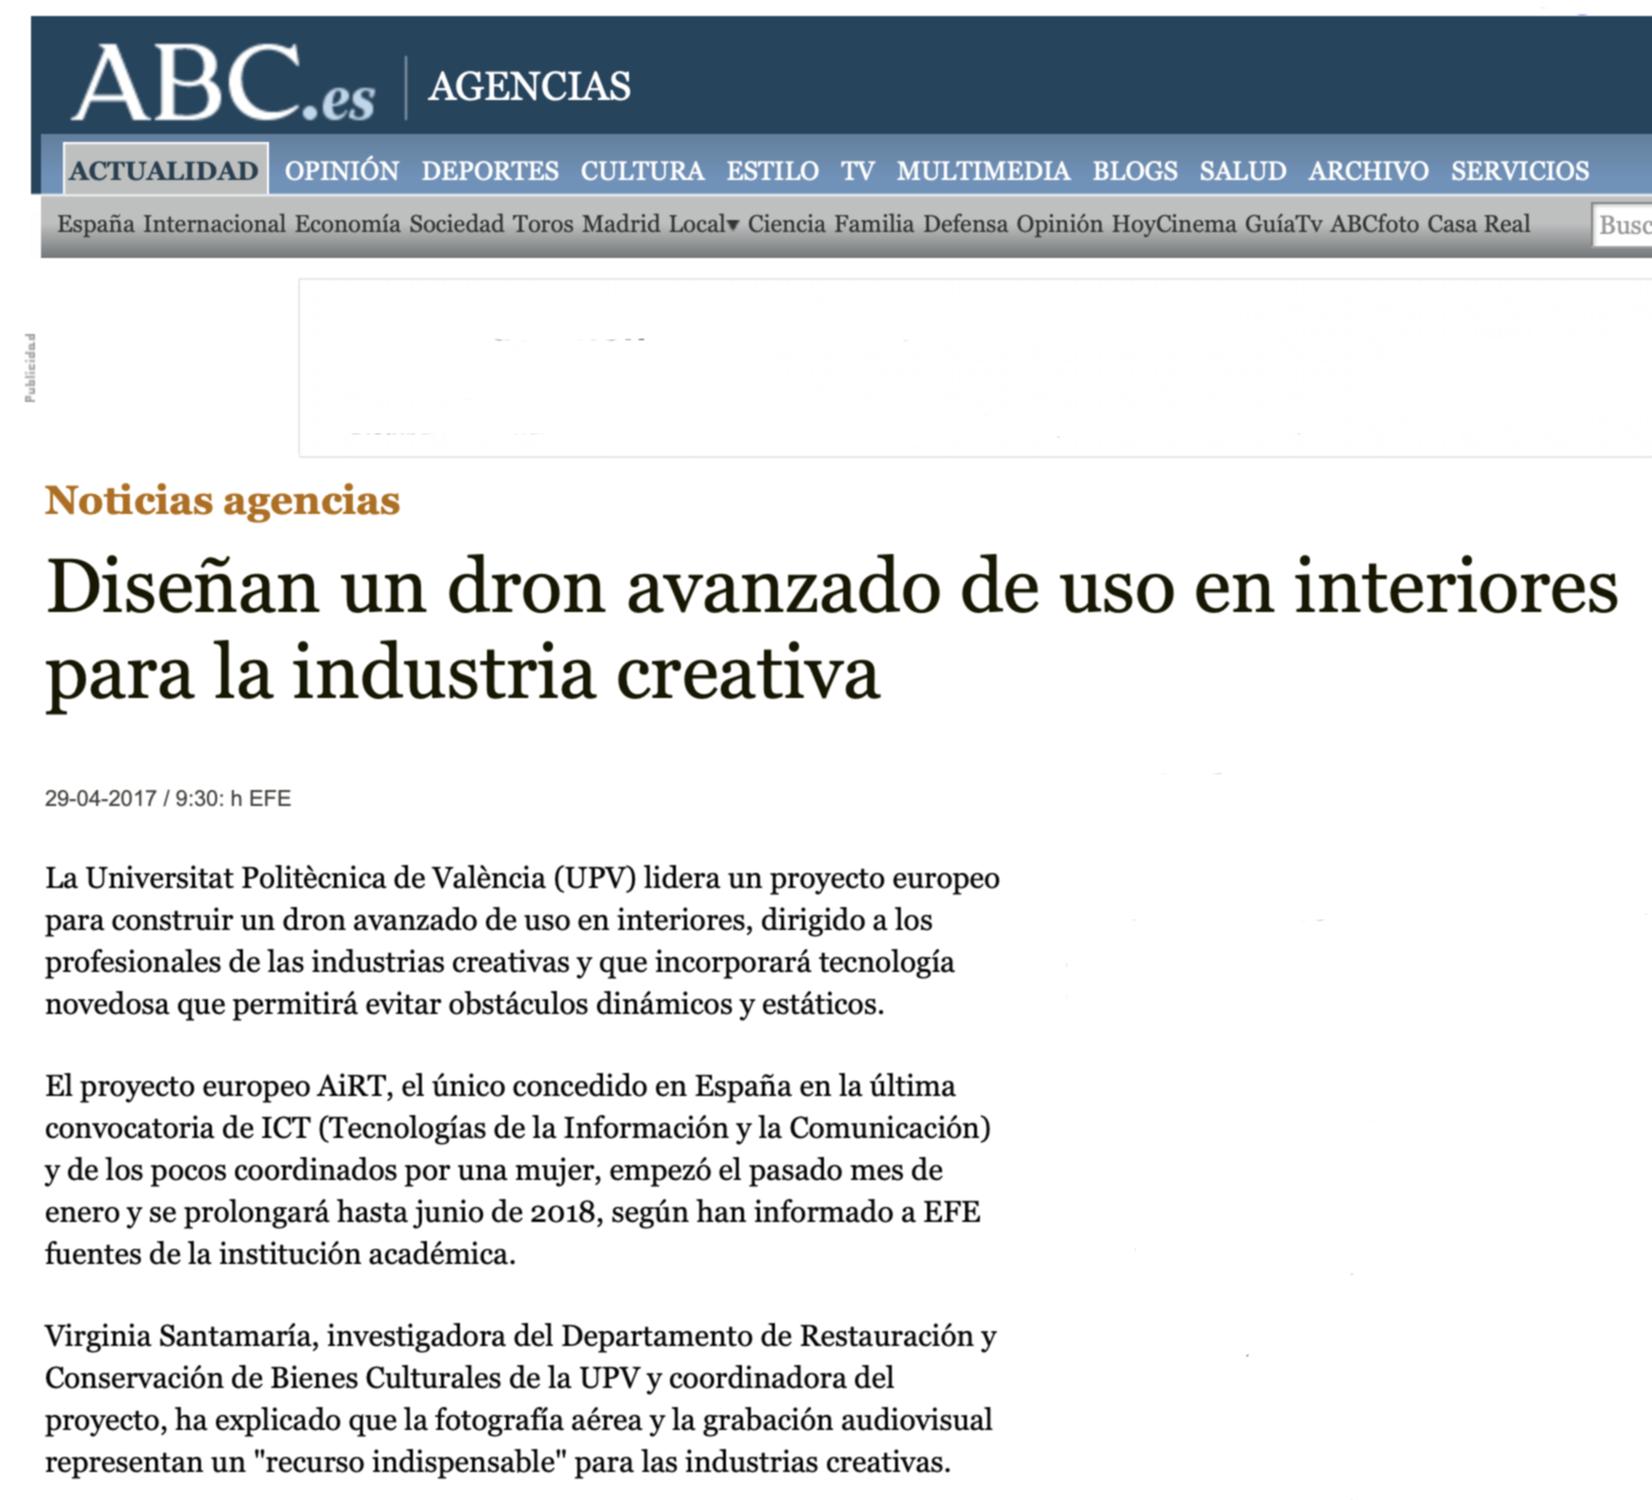 AiRT in ABC.es